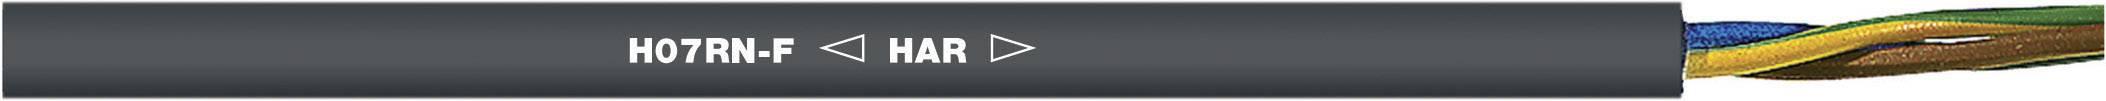 Připojovací kabel H07RN-F 4 G 1.50 mm² černá LAPP 16001233 metrové zboží